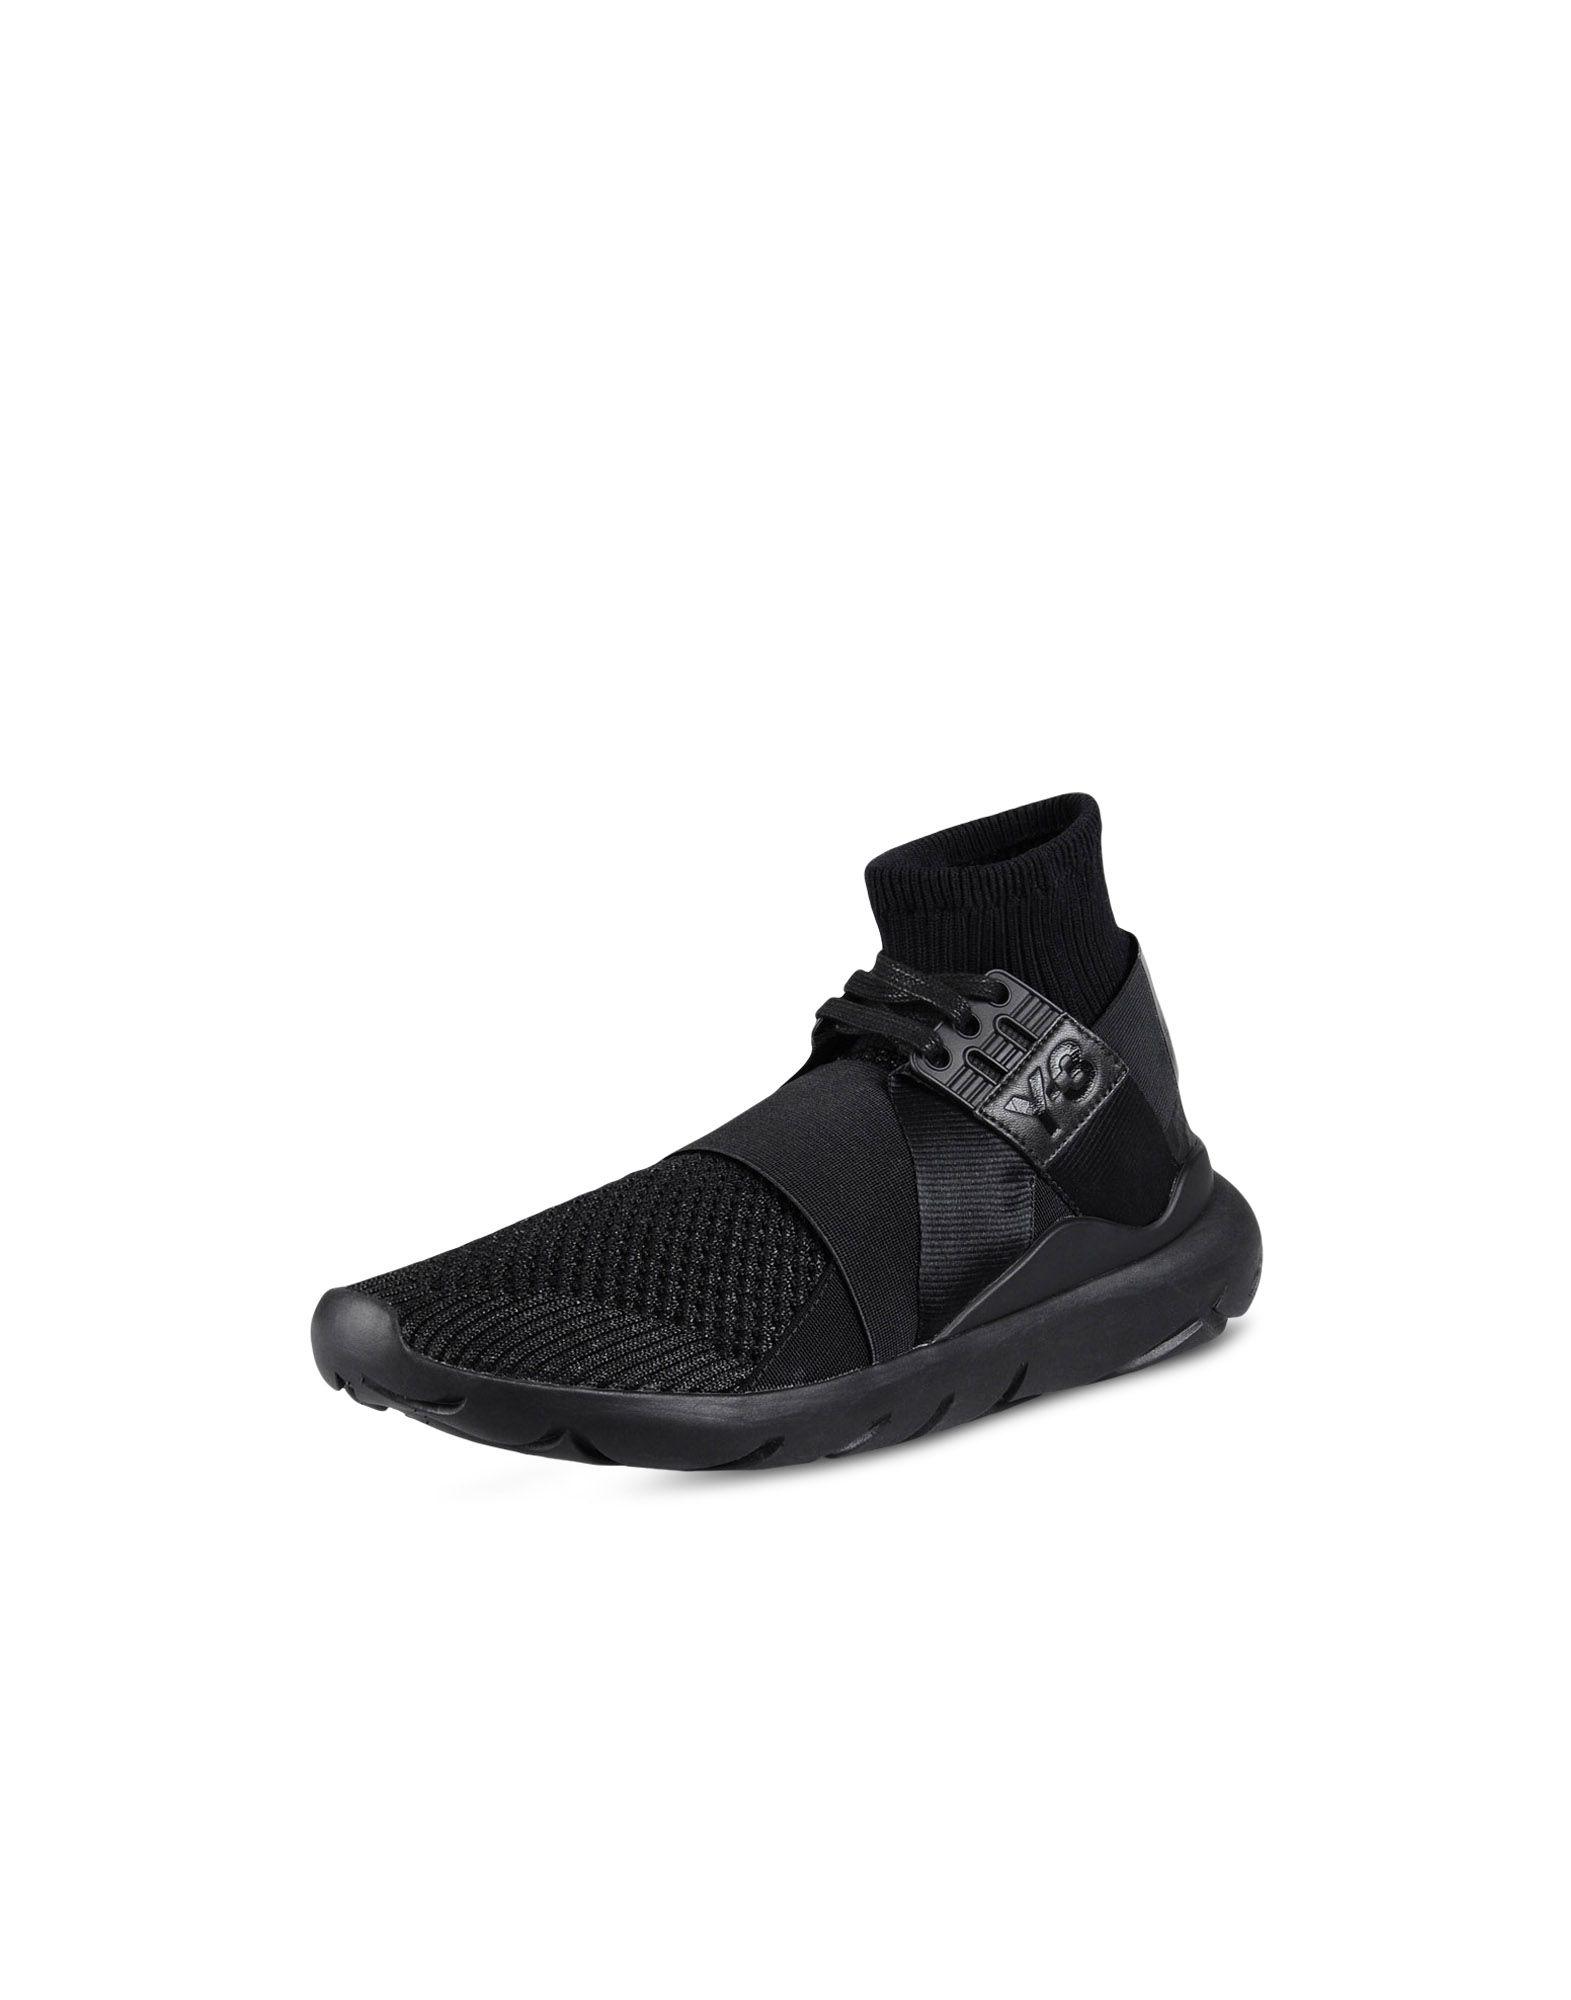 247656080b10f Y 3 QASA ELLE LACE KNIT Sneakers for Women